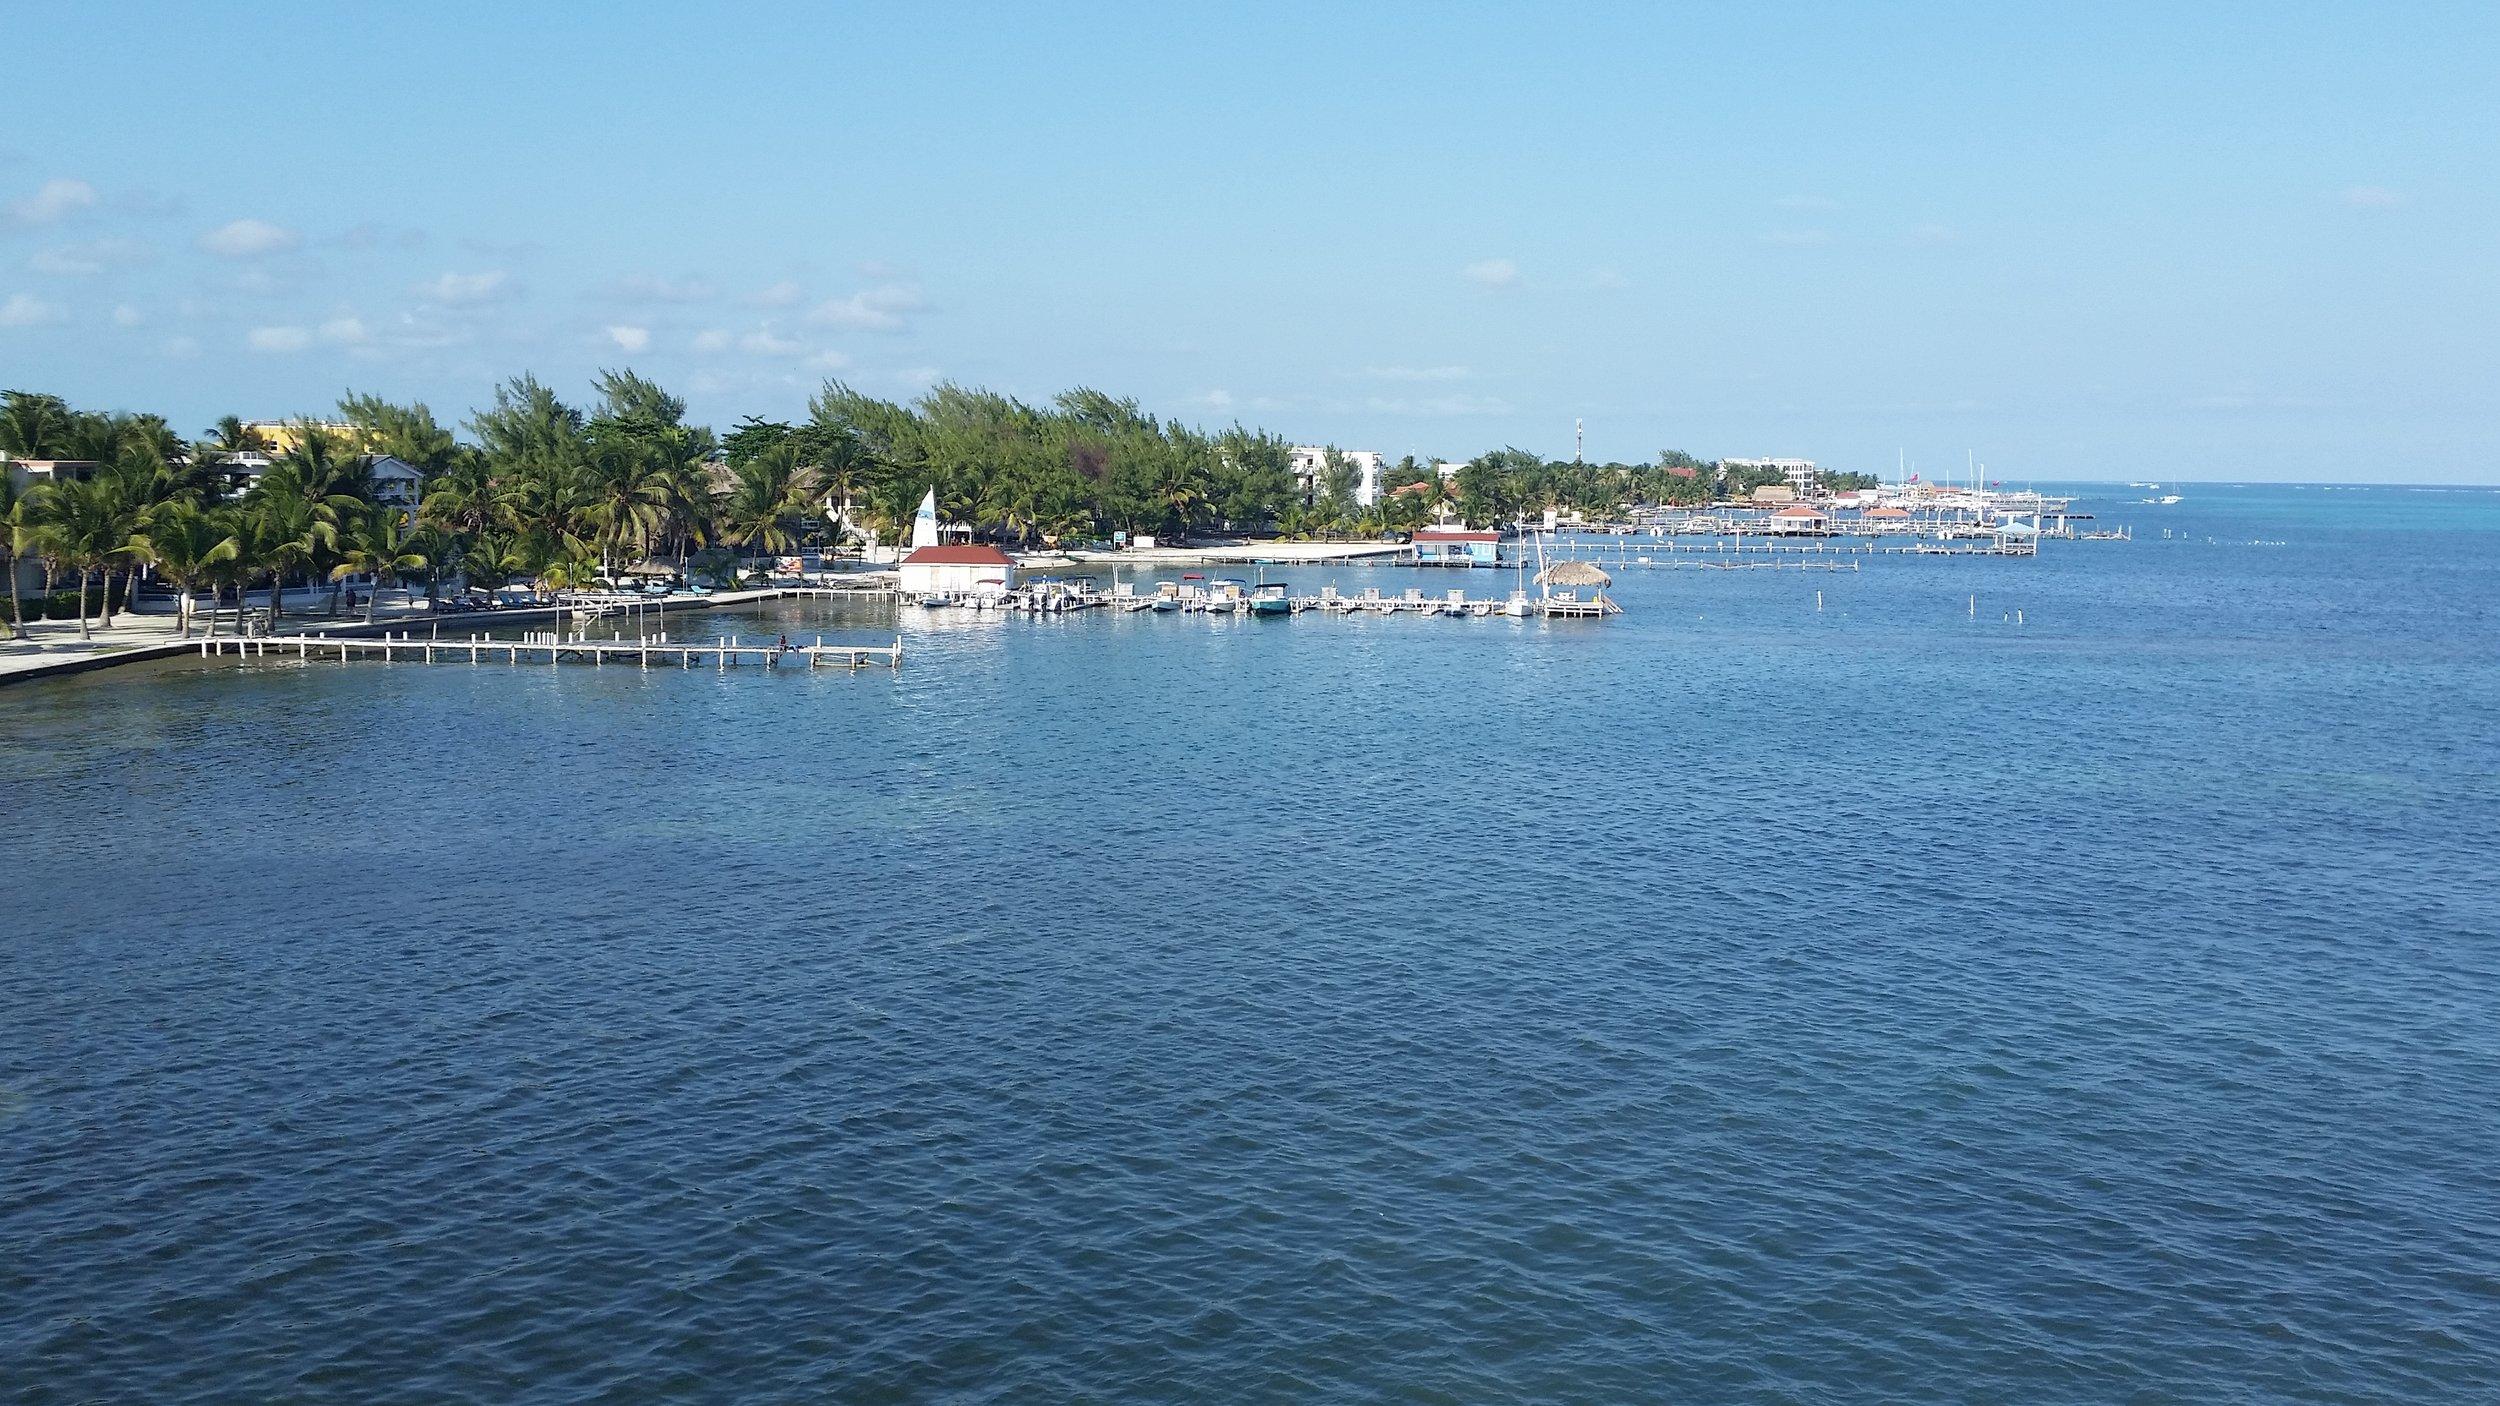 Ambergris Caye waterfront